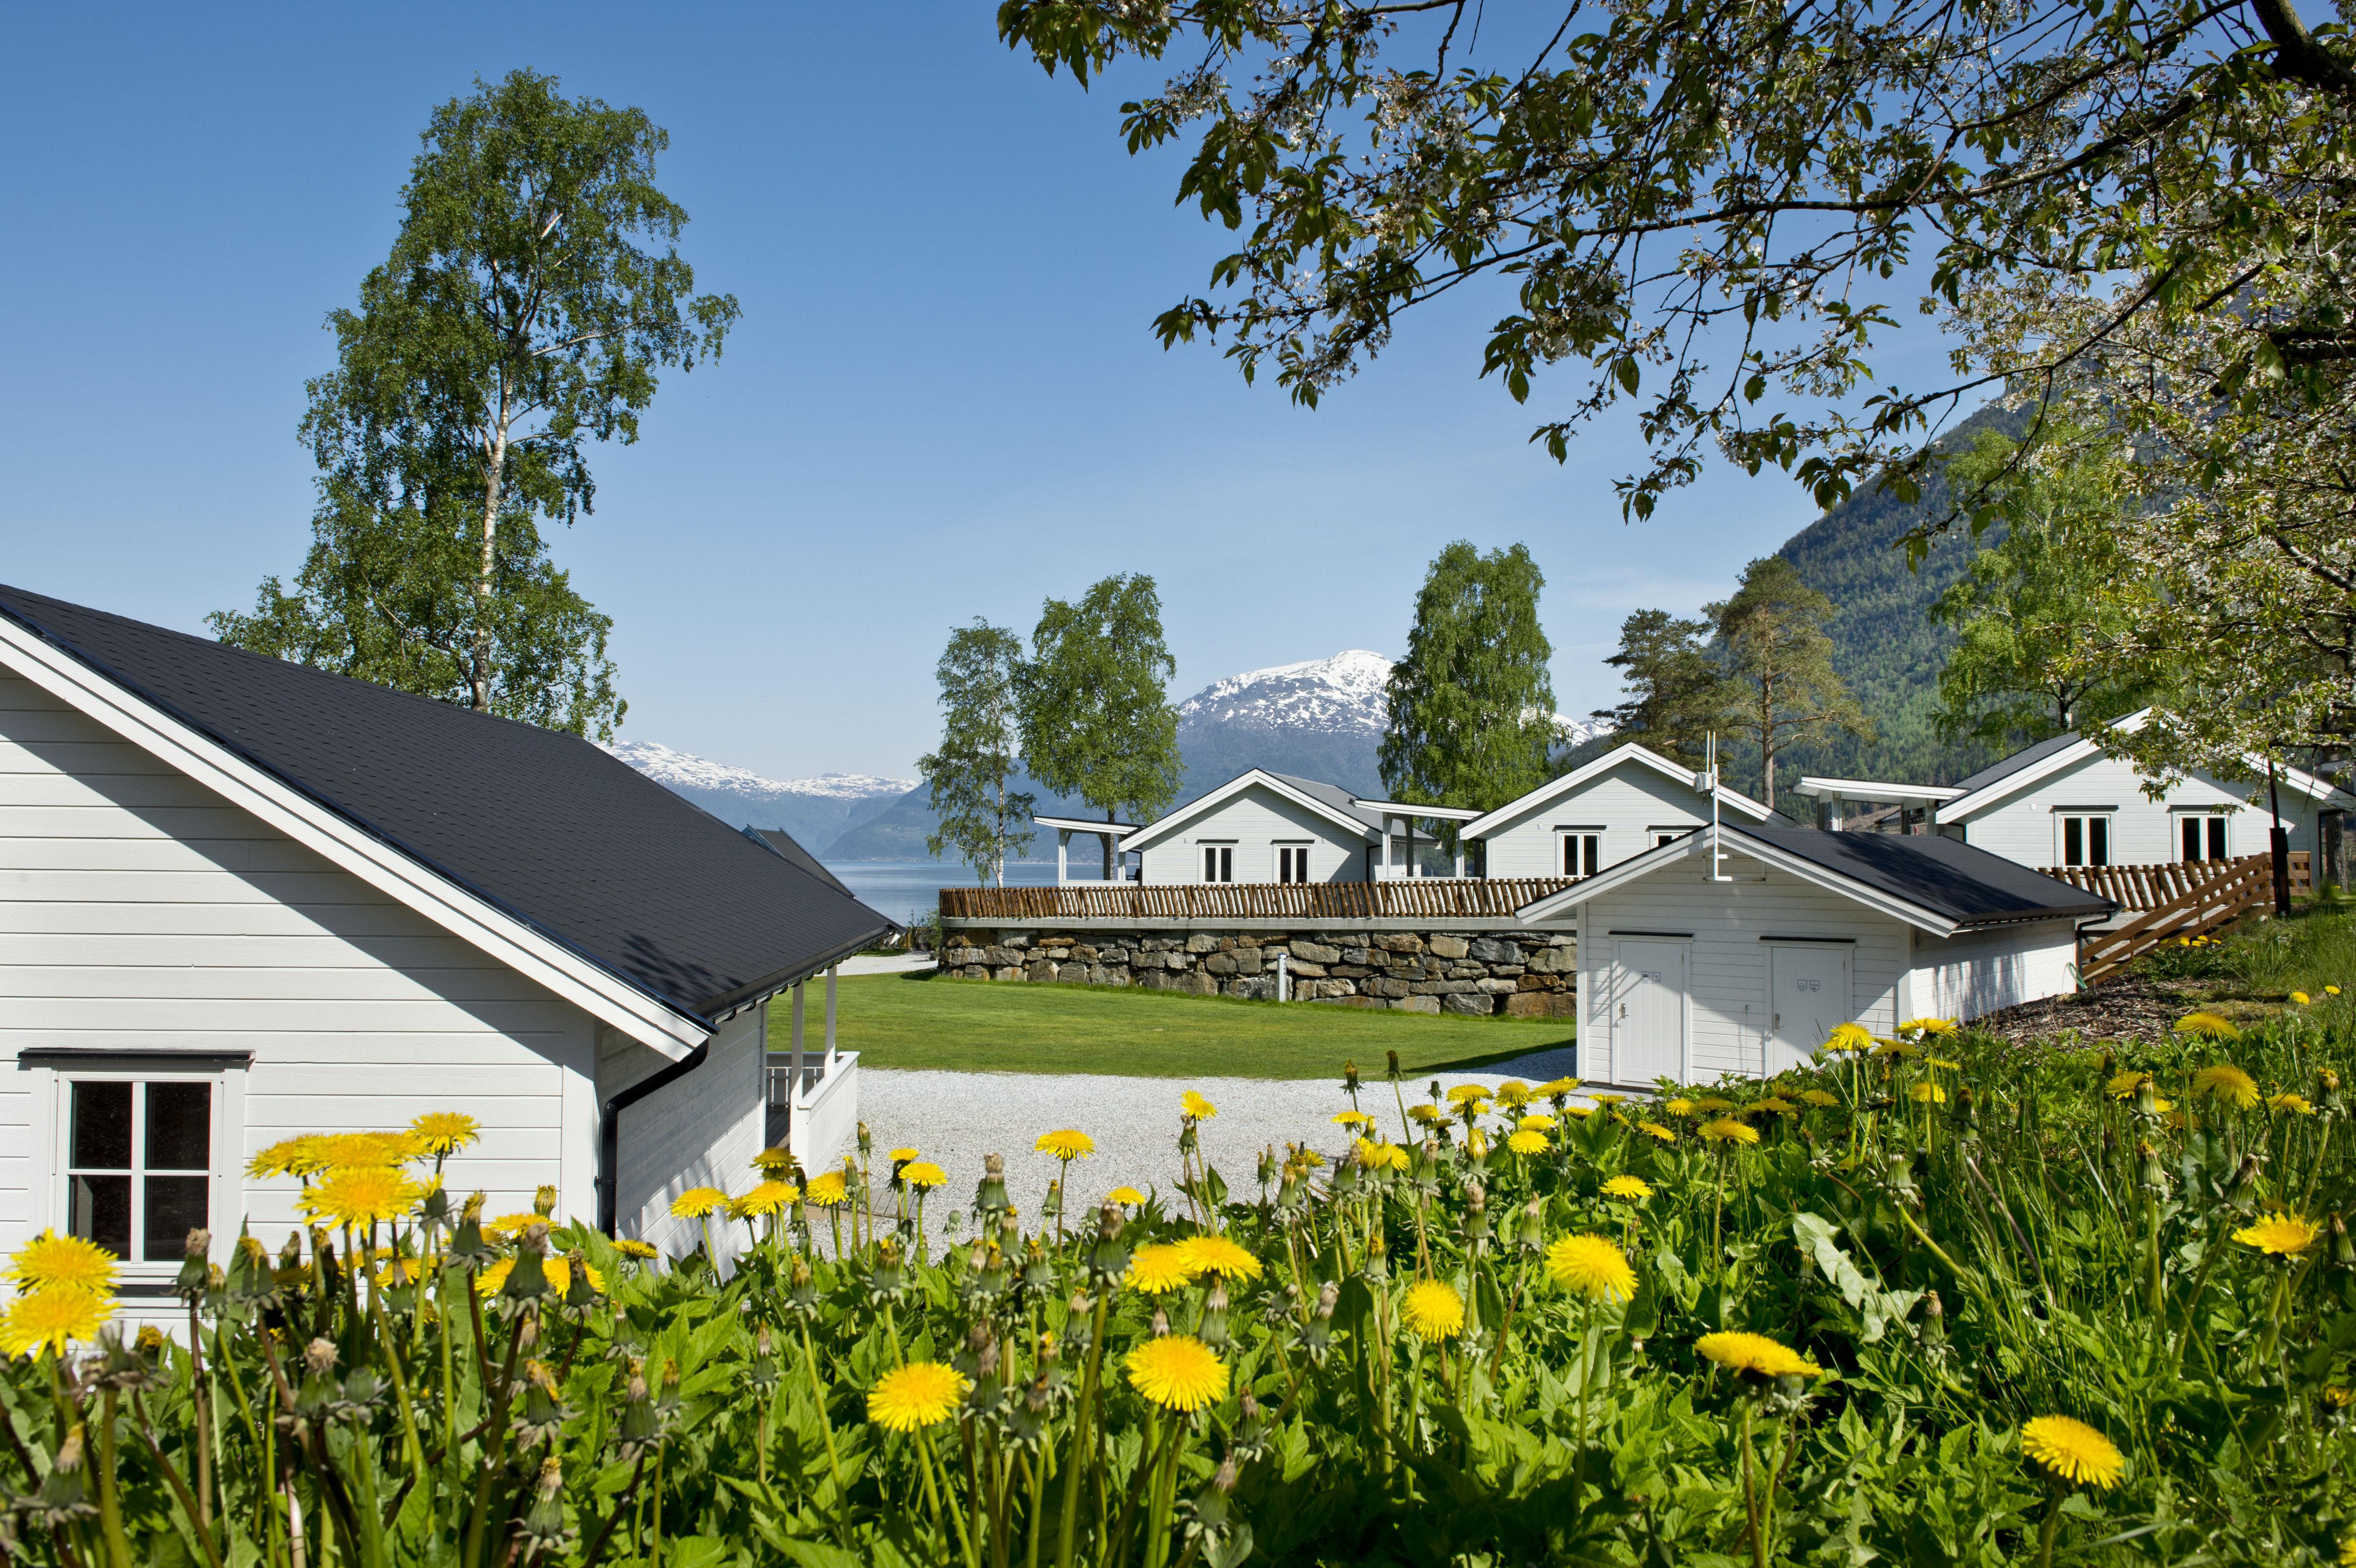 Kinsarvik Camping